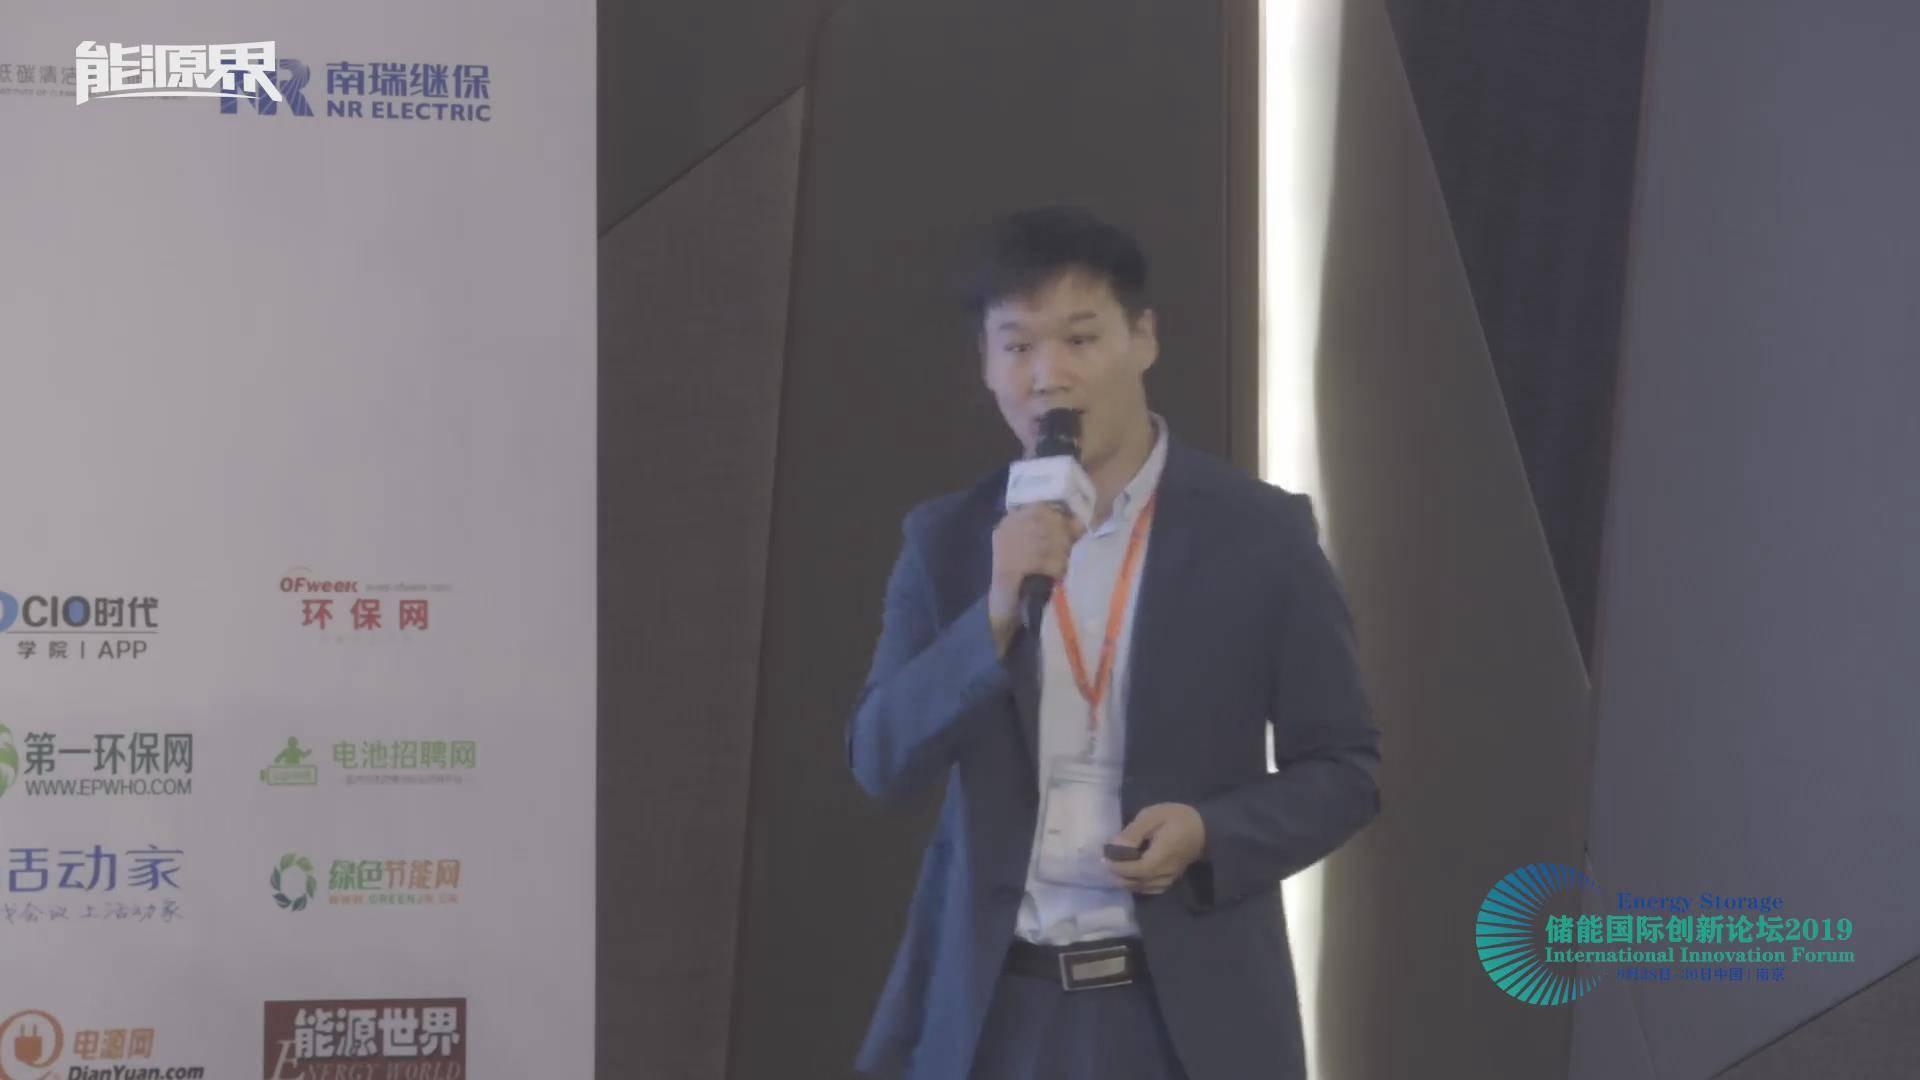 陳北海:新能源側百兆瓦時級儲能系統集成技術研究與實踐